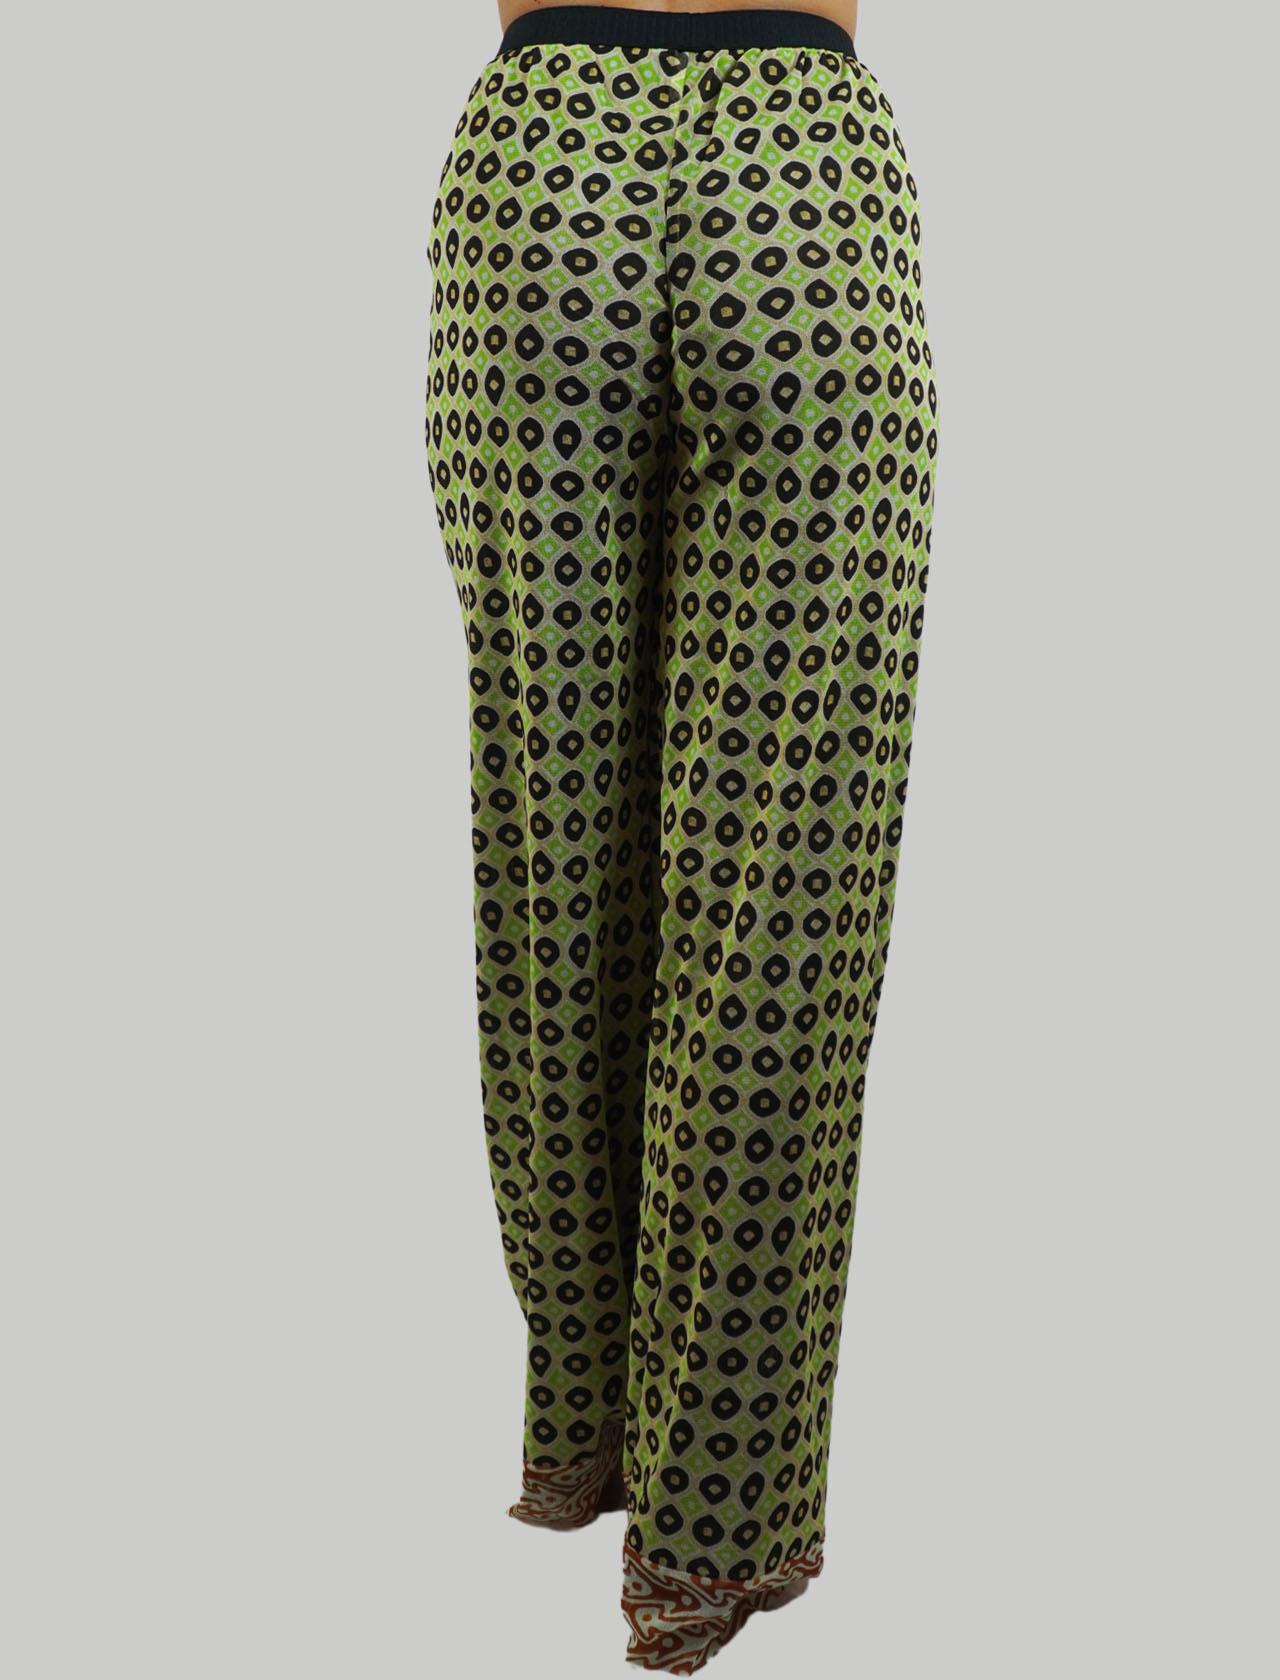 Abbigliamento Donna Pantalone Tribal Dance in Tulle Elasticizzato Stampato Verde e Oro Maliparmi | Gonne e Pantaloni | JH745770494C6020